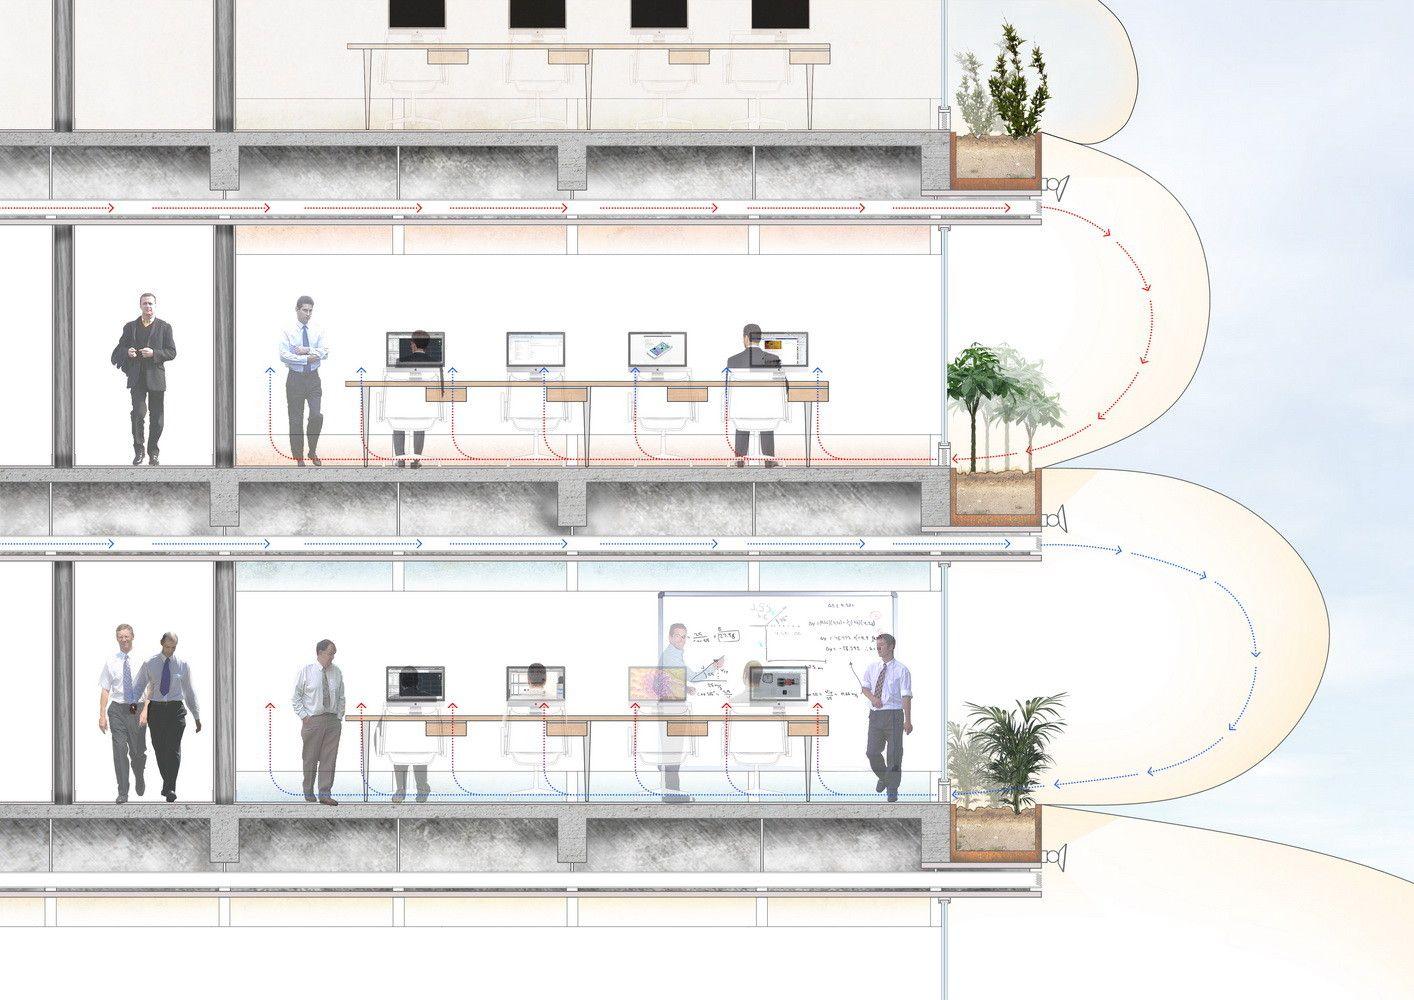 Gallery - Bubble Building / 3GATTI Architecture Studio - 8